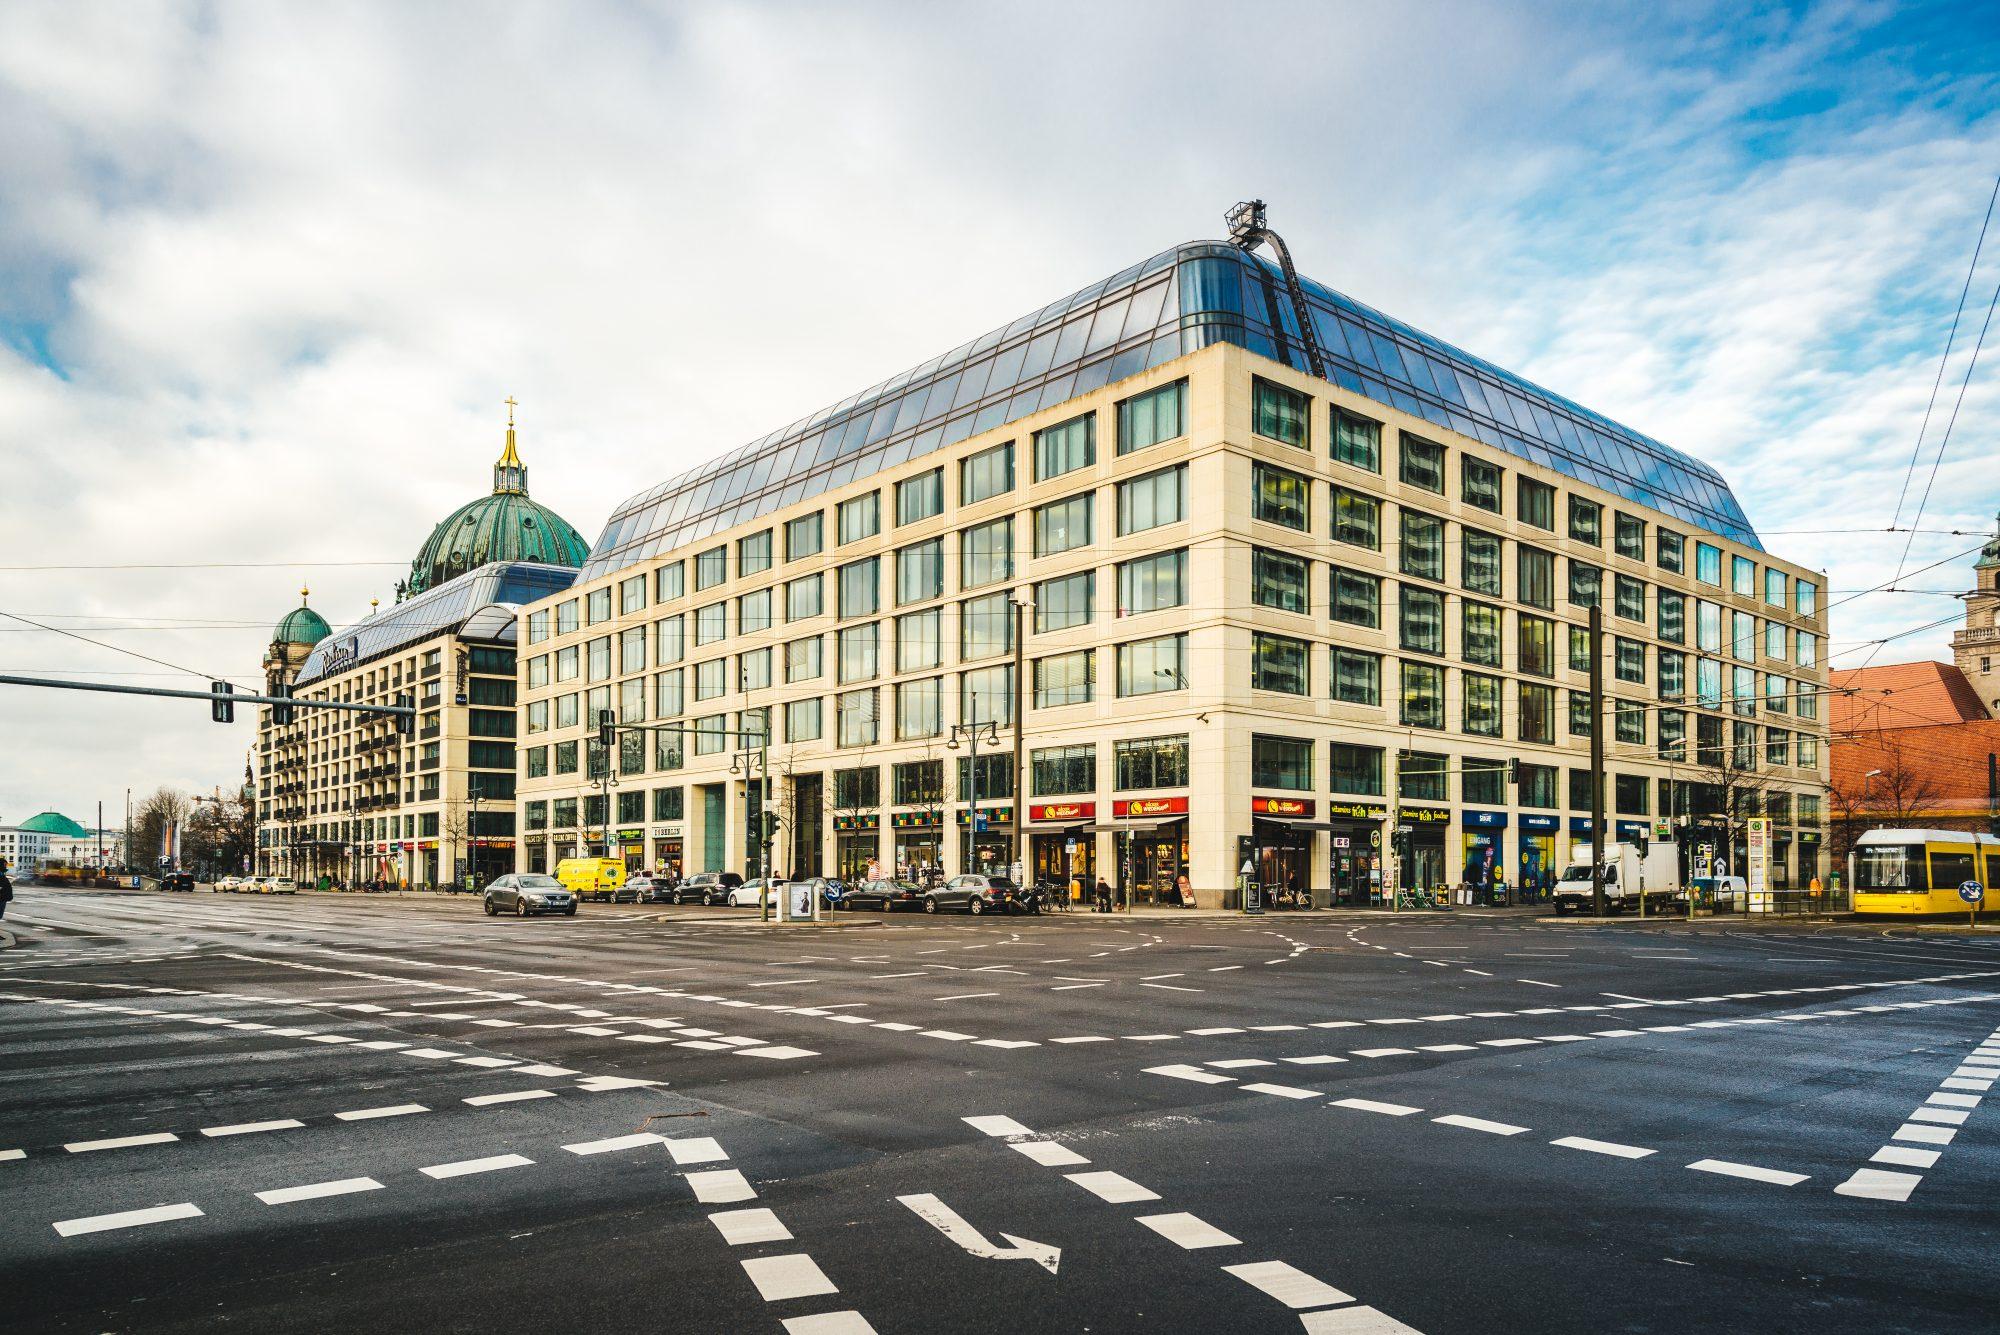 Dom Aquaree Berlin - Fotograf Tobias Bechtle